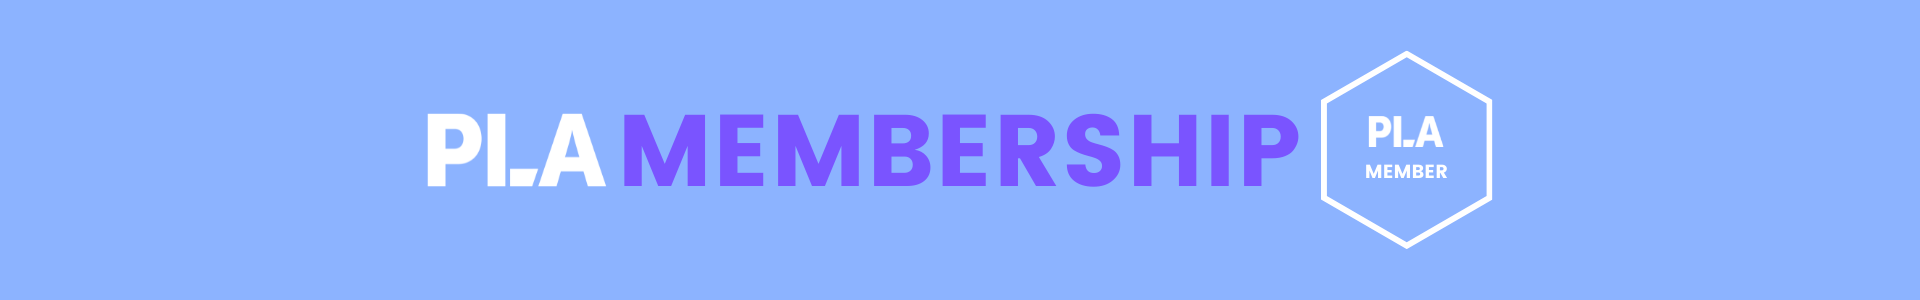 pla membership